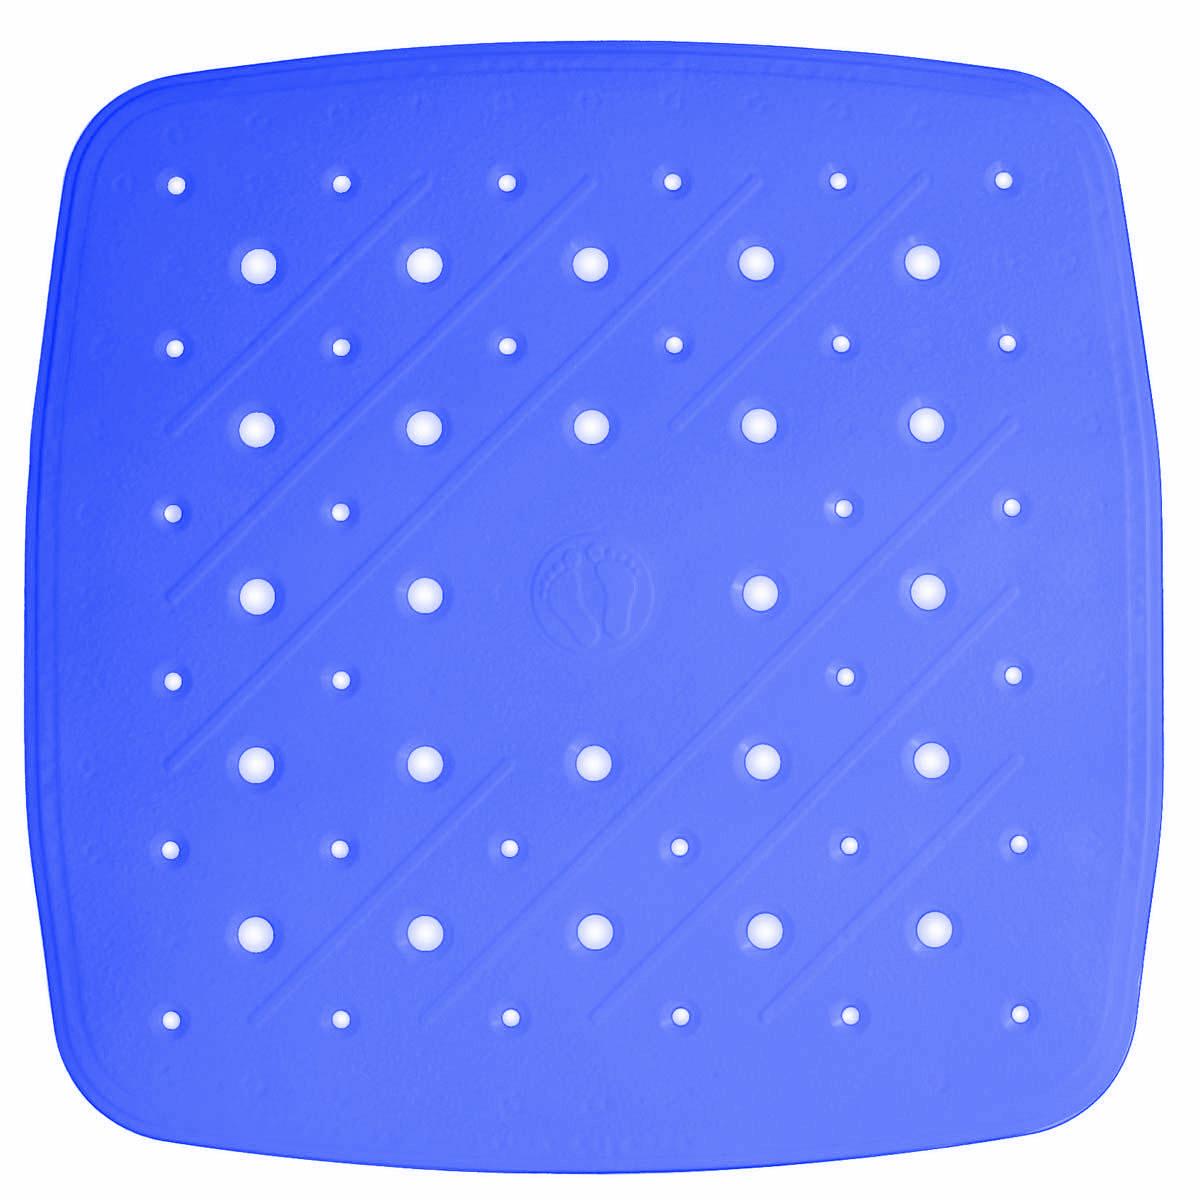 Коврик для ванной Ridder Promo, противоскользящий, на присосках, цвет: синий, 51 х 51 см167913Высококачественный немецкий коврик Ridder Promo создан для вашего удобства. Состав и свойства противоскользящего коврика: - синтетический каучук и ПВХ с защитой от плесени и грибка; - имеются присоски для крепления. Безопасность изделия соответствует стандартам LGA (Германия).